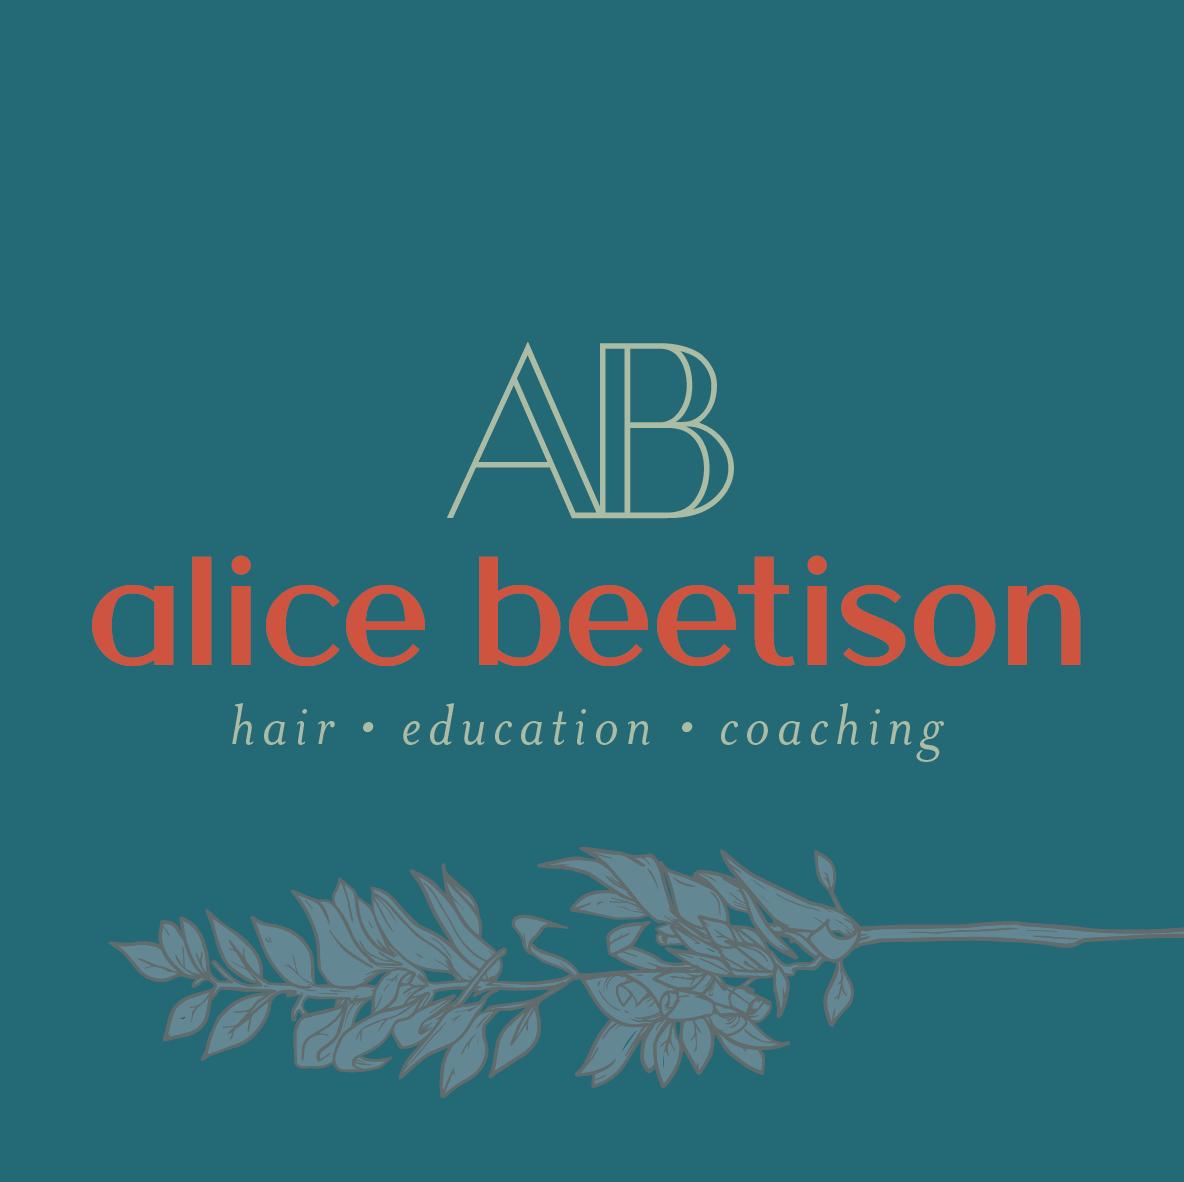 Alice Beetison Logo